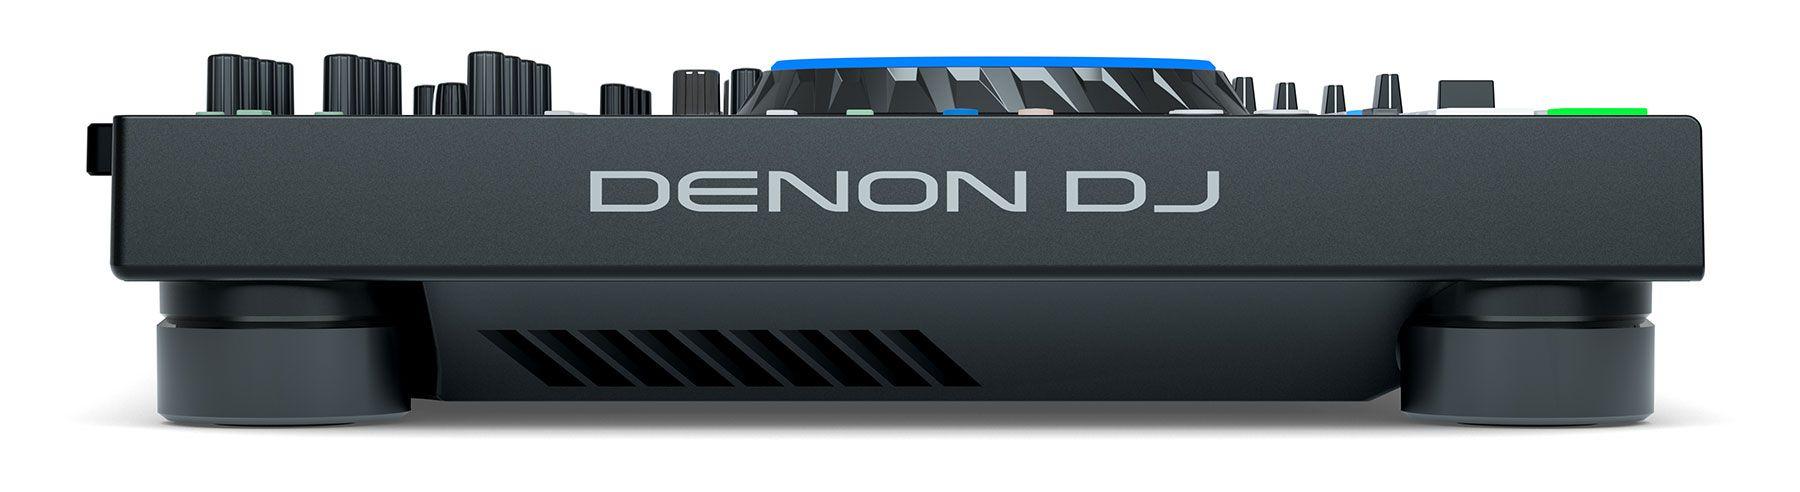 DENON DJ PRIME 4 CONSOLE CONTROLLER STANDALONE PER DJ 4 DECK CON TOUCH SCREEN 10 4x USB + SD CARD 5